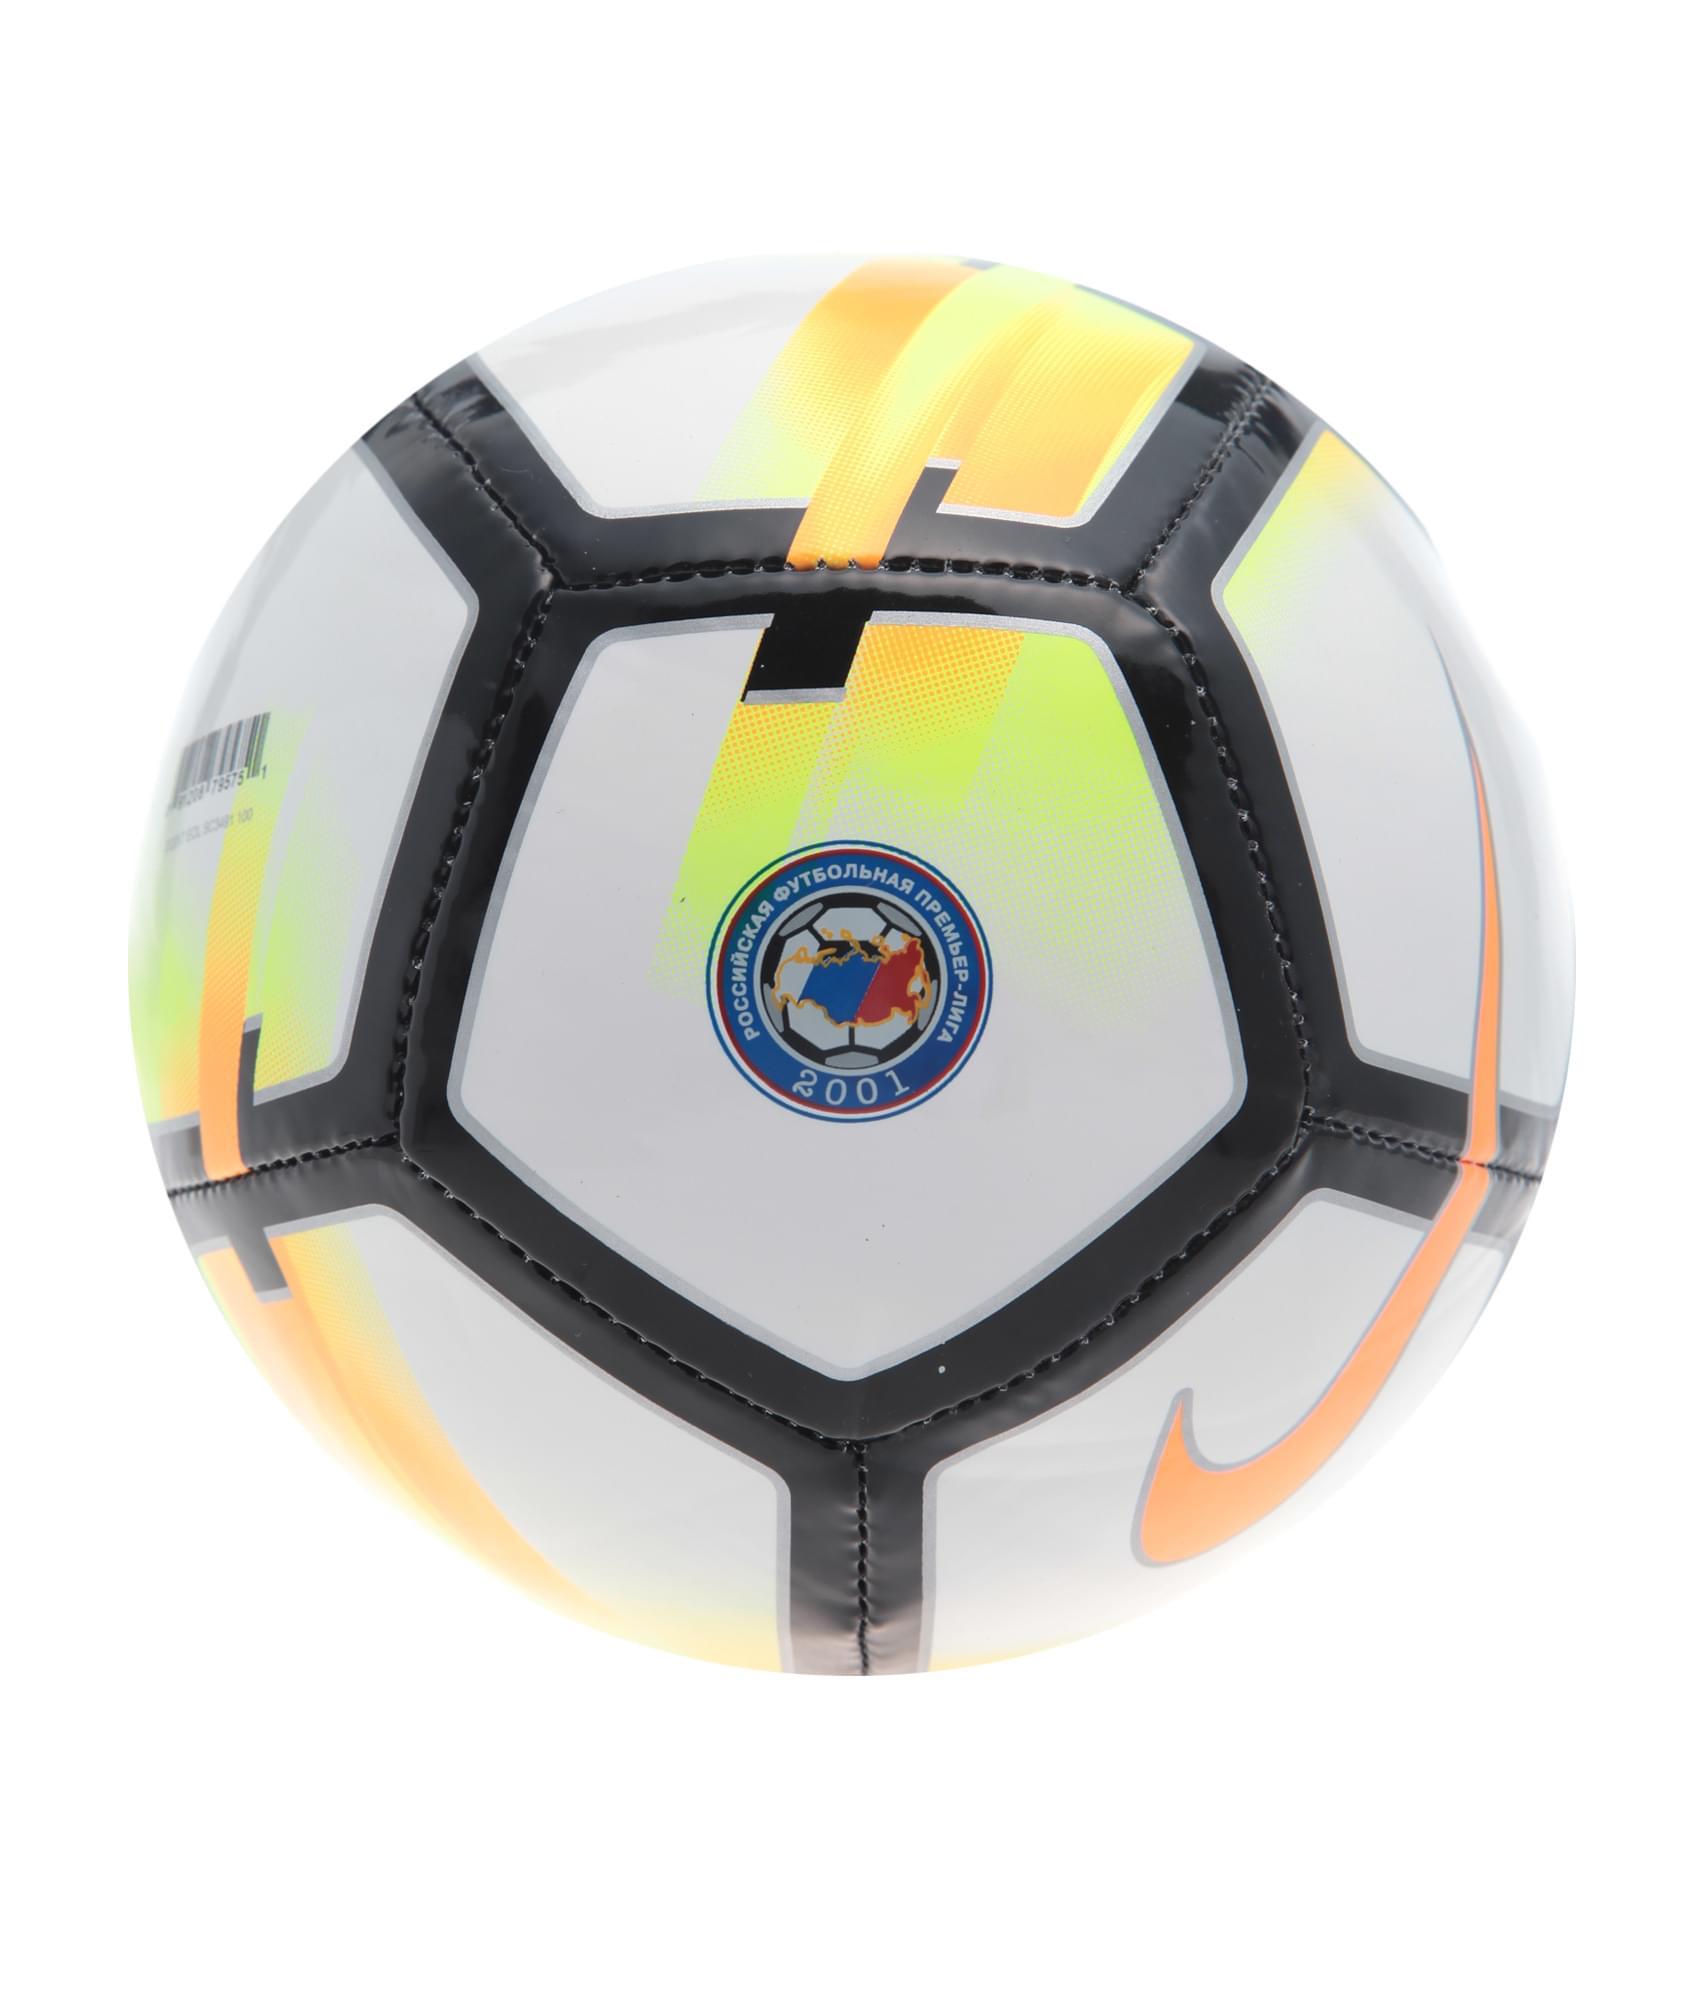 Мяч Nike РФПЛ Nike классические nike официальный мяч рфпл nike ordem v sc3488 707